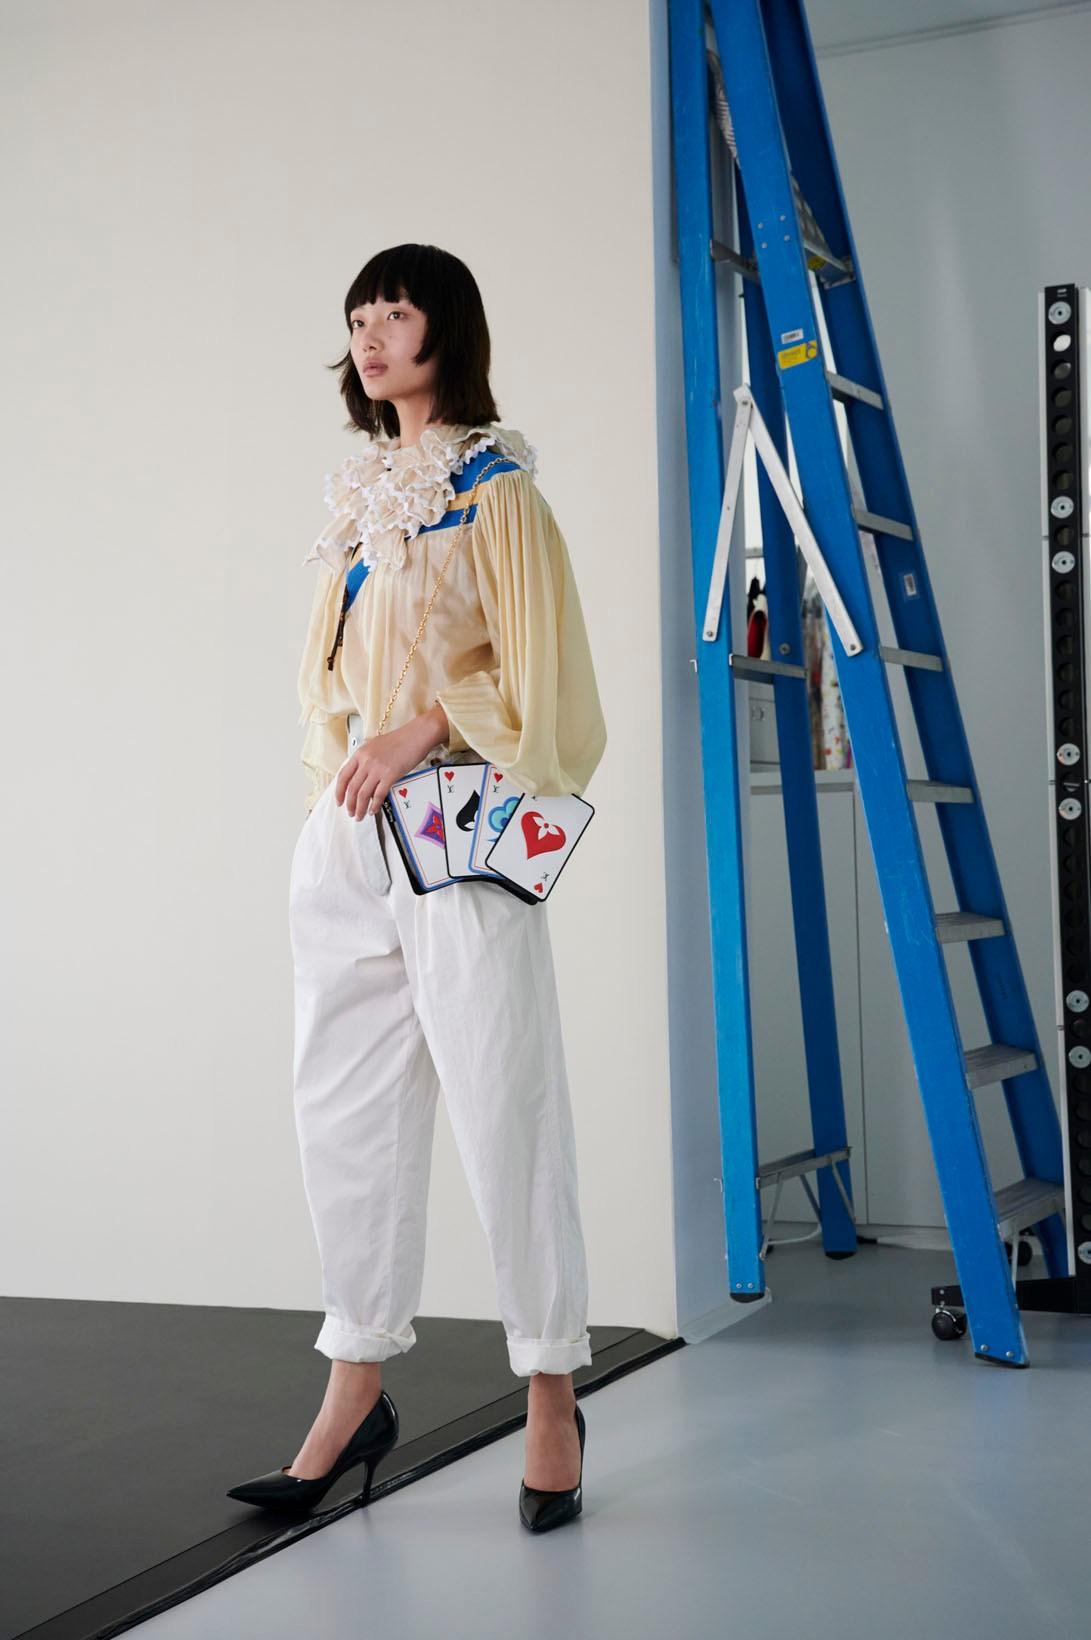 Louis vuitton cruise 2021 womenswear collection monogram heart handbag Nicolas ghesquiere